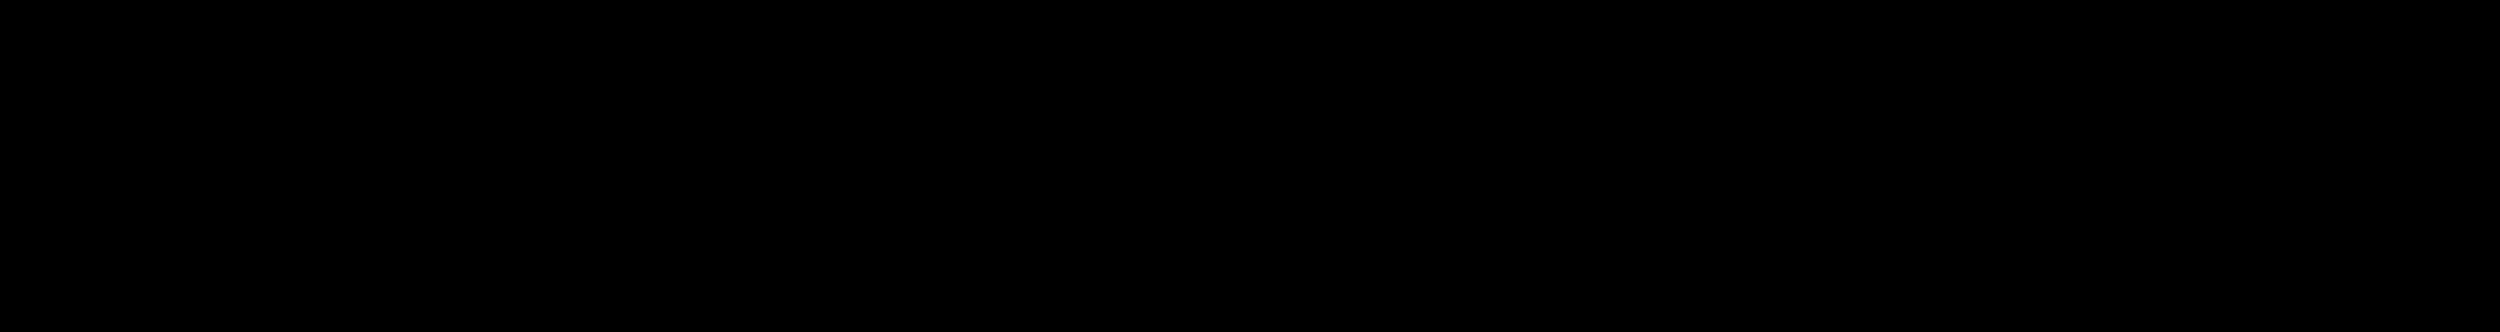 58482332cef1014c0b5e49be (1).png